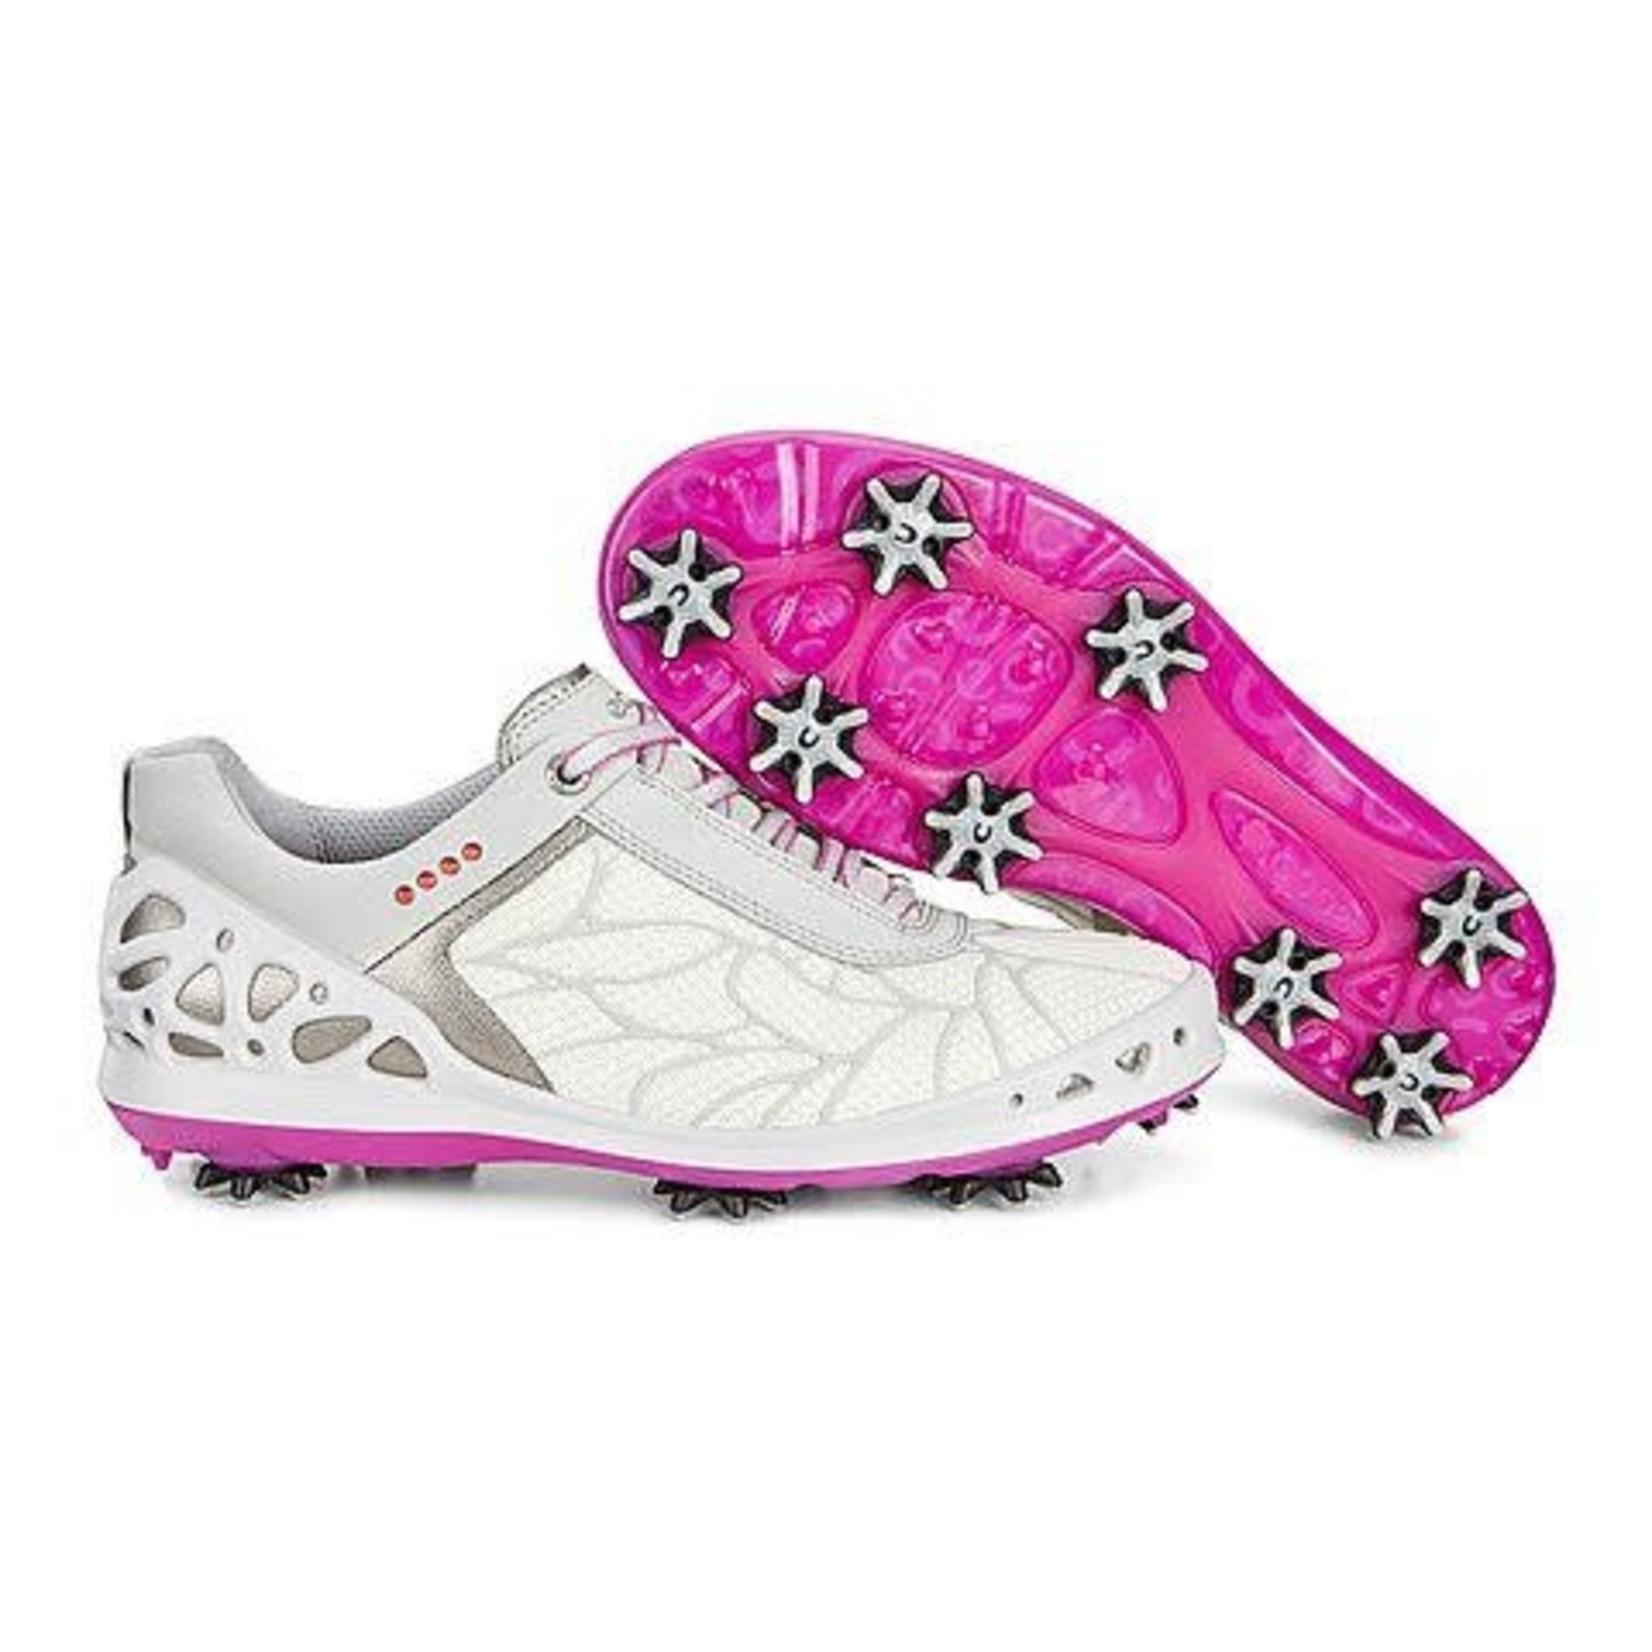 Ecco Ecco Women's Golf Cage Evo Wit/Rose 35